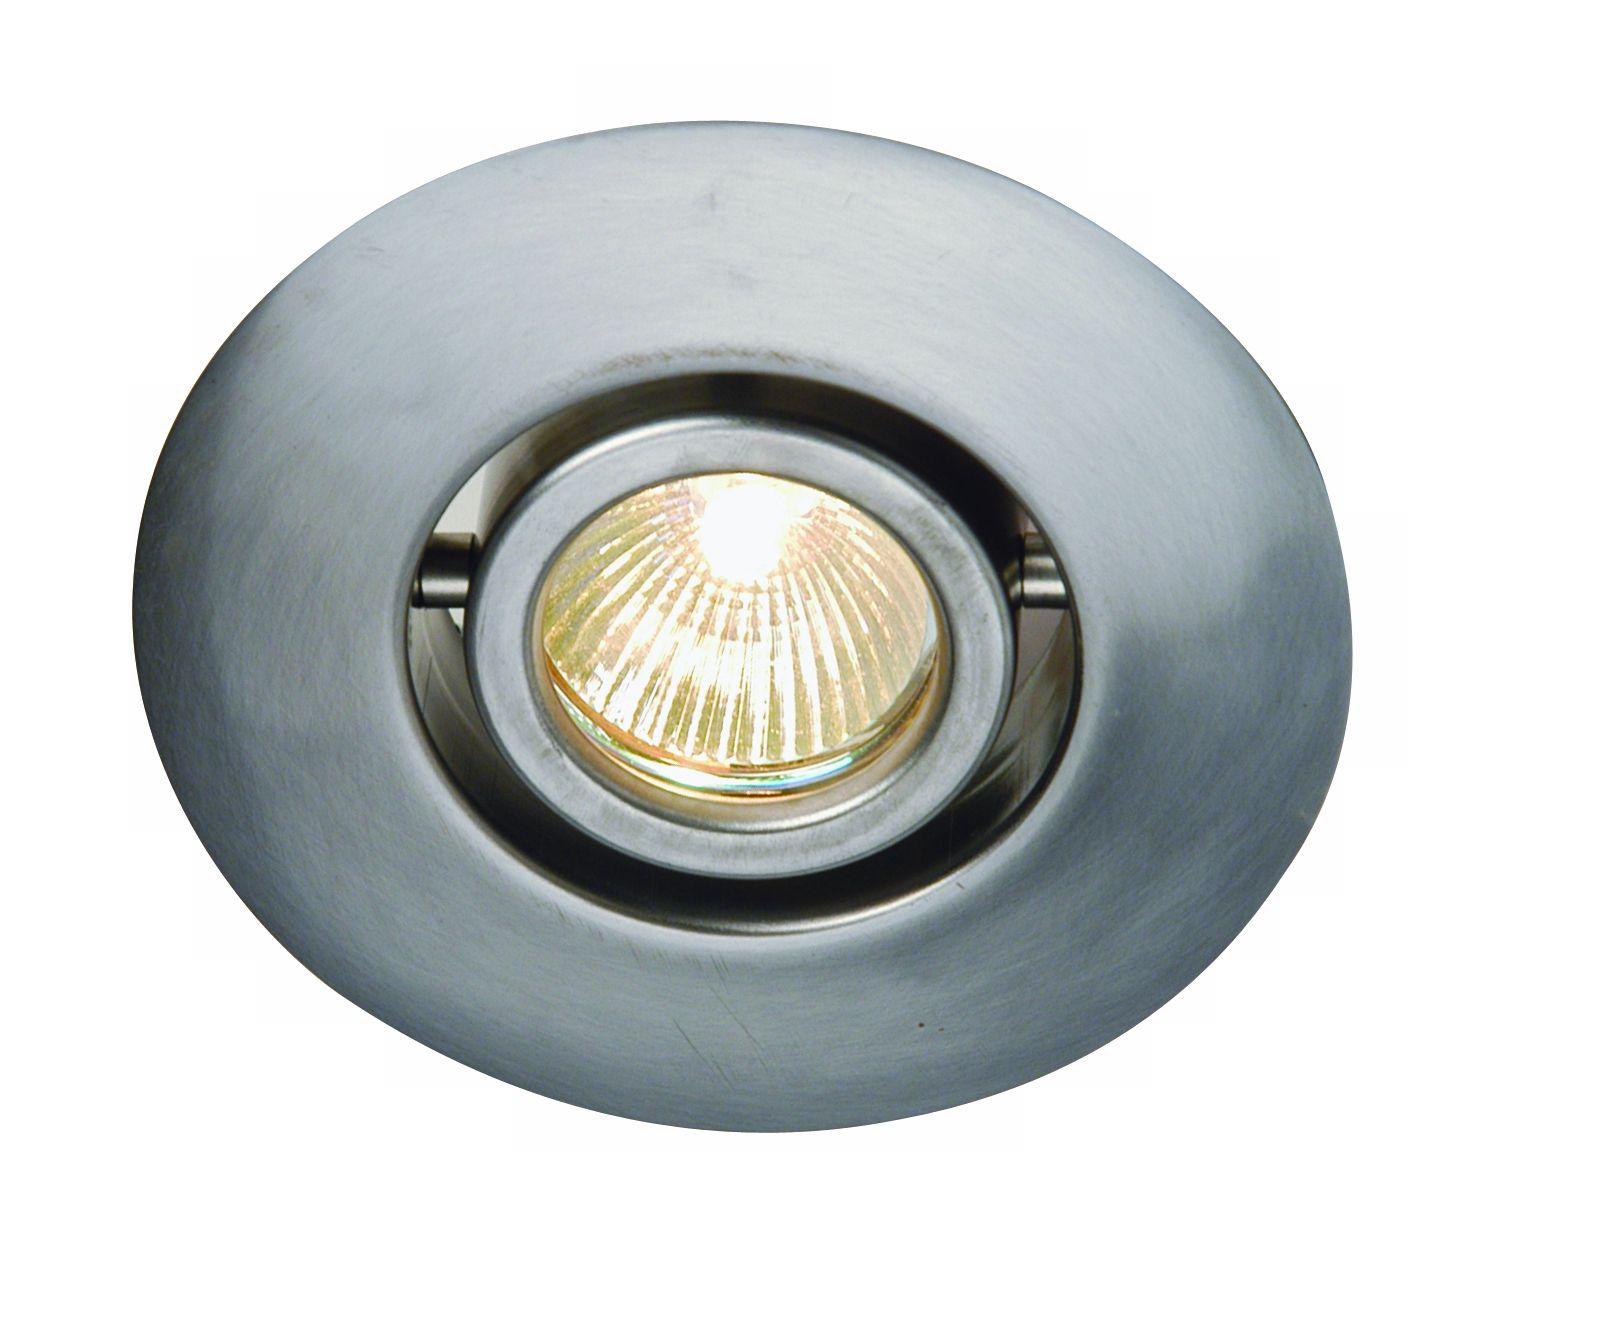 Juno 4  Low Voltage Flush Gimbal Recessed Light Trim  sc 1 st  L&s Plus & Juno 4